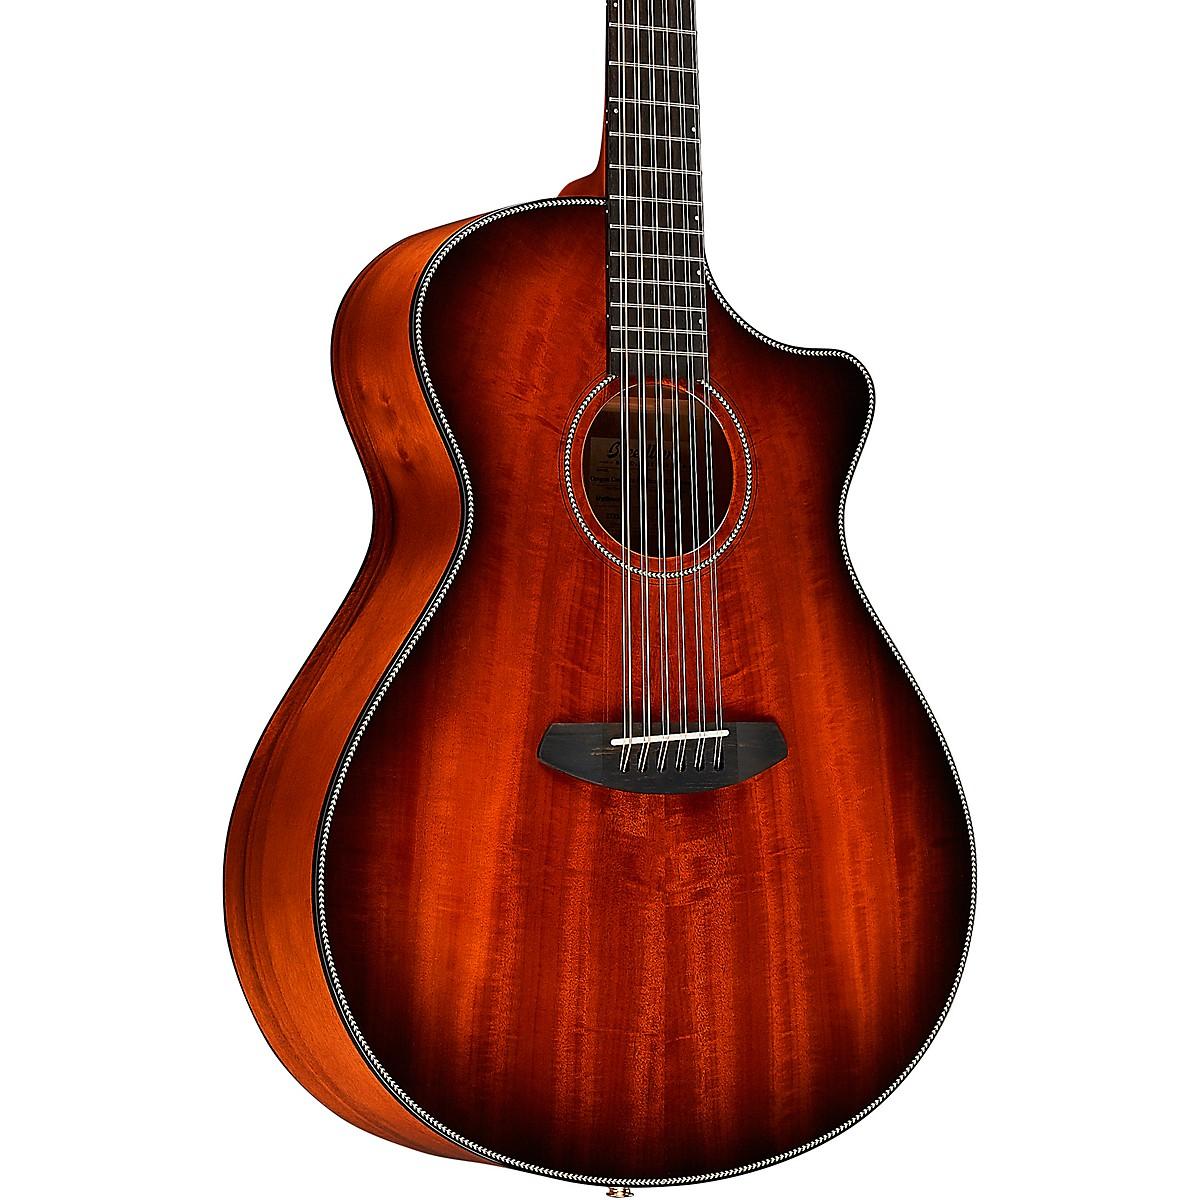 Breedlove Oregon Myrtlewood Concerto 12 String Acoustic-Electric Guitar